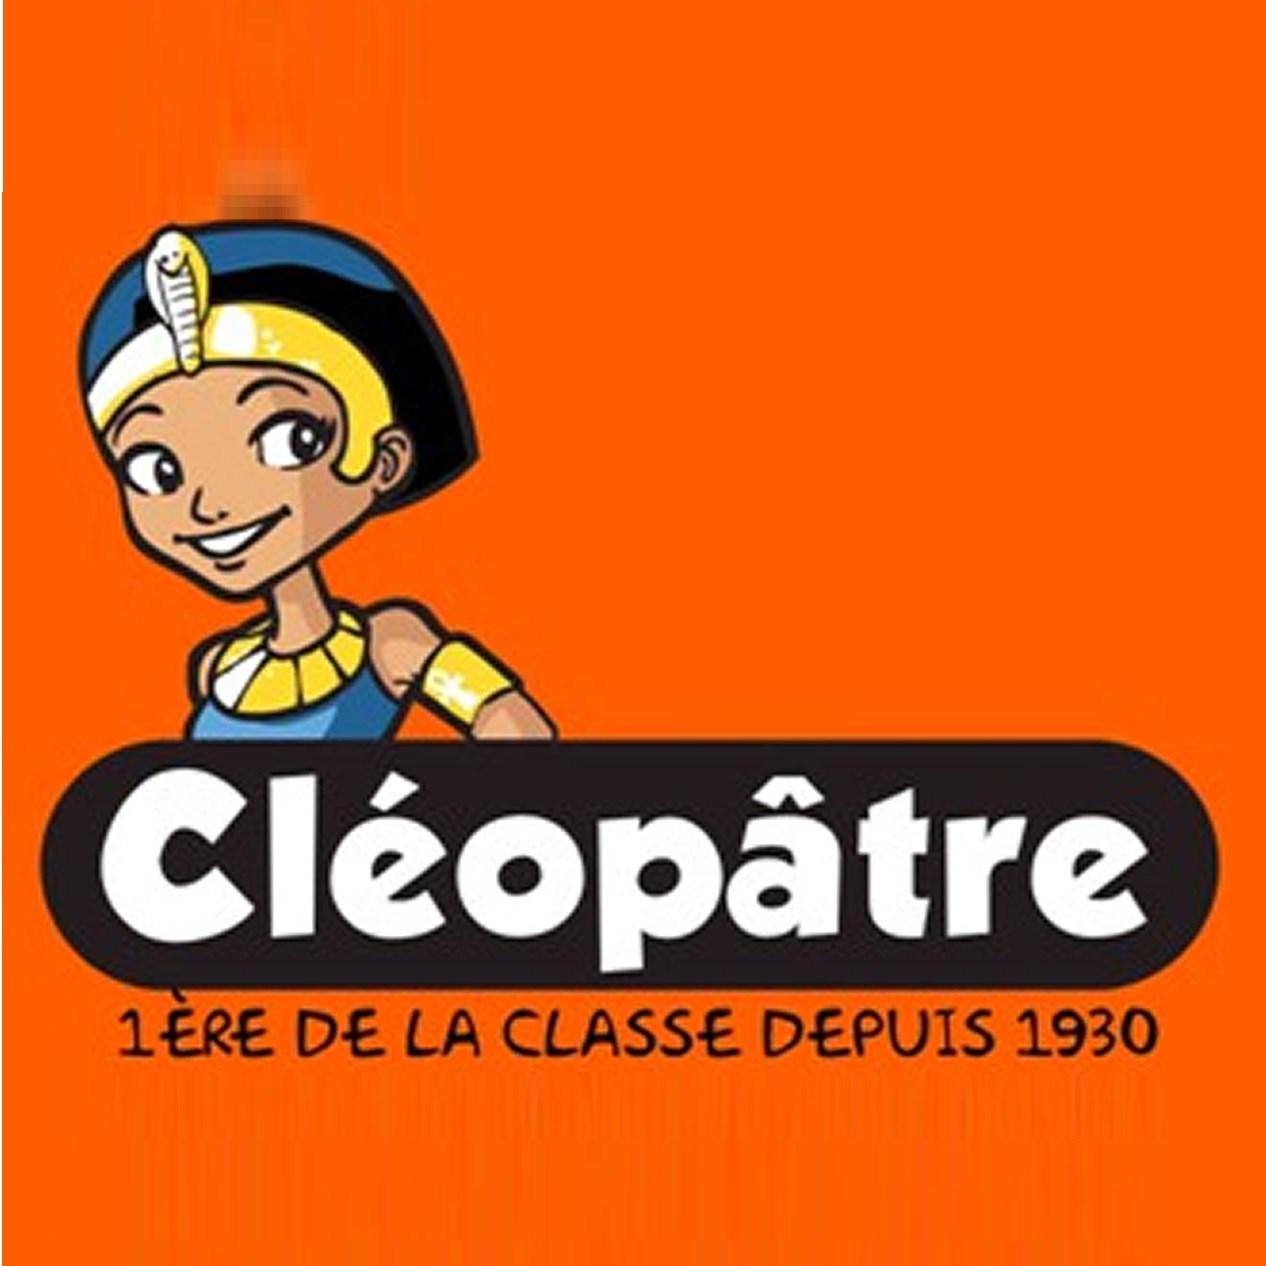 Cleopatre Glue